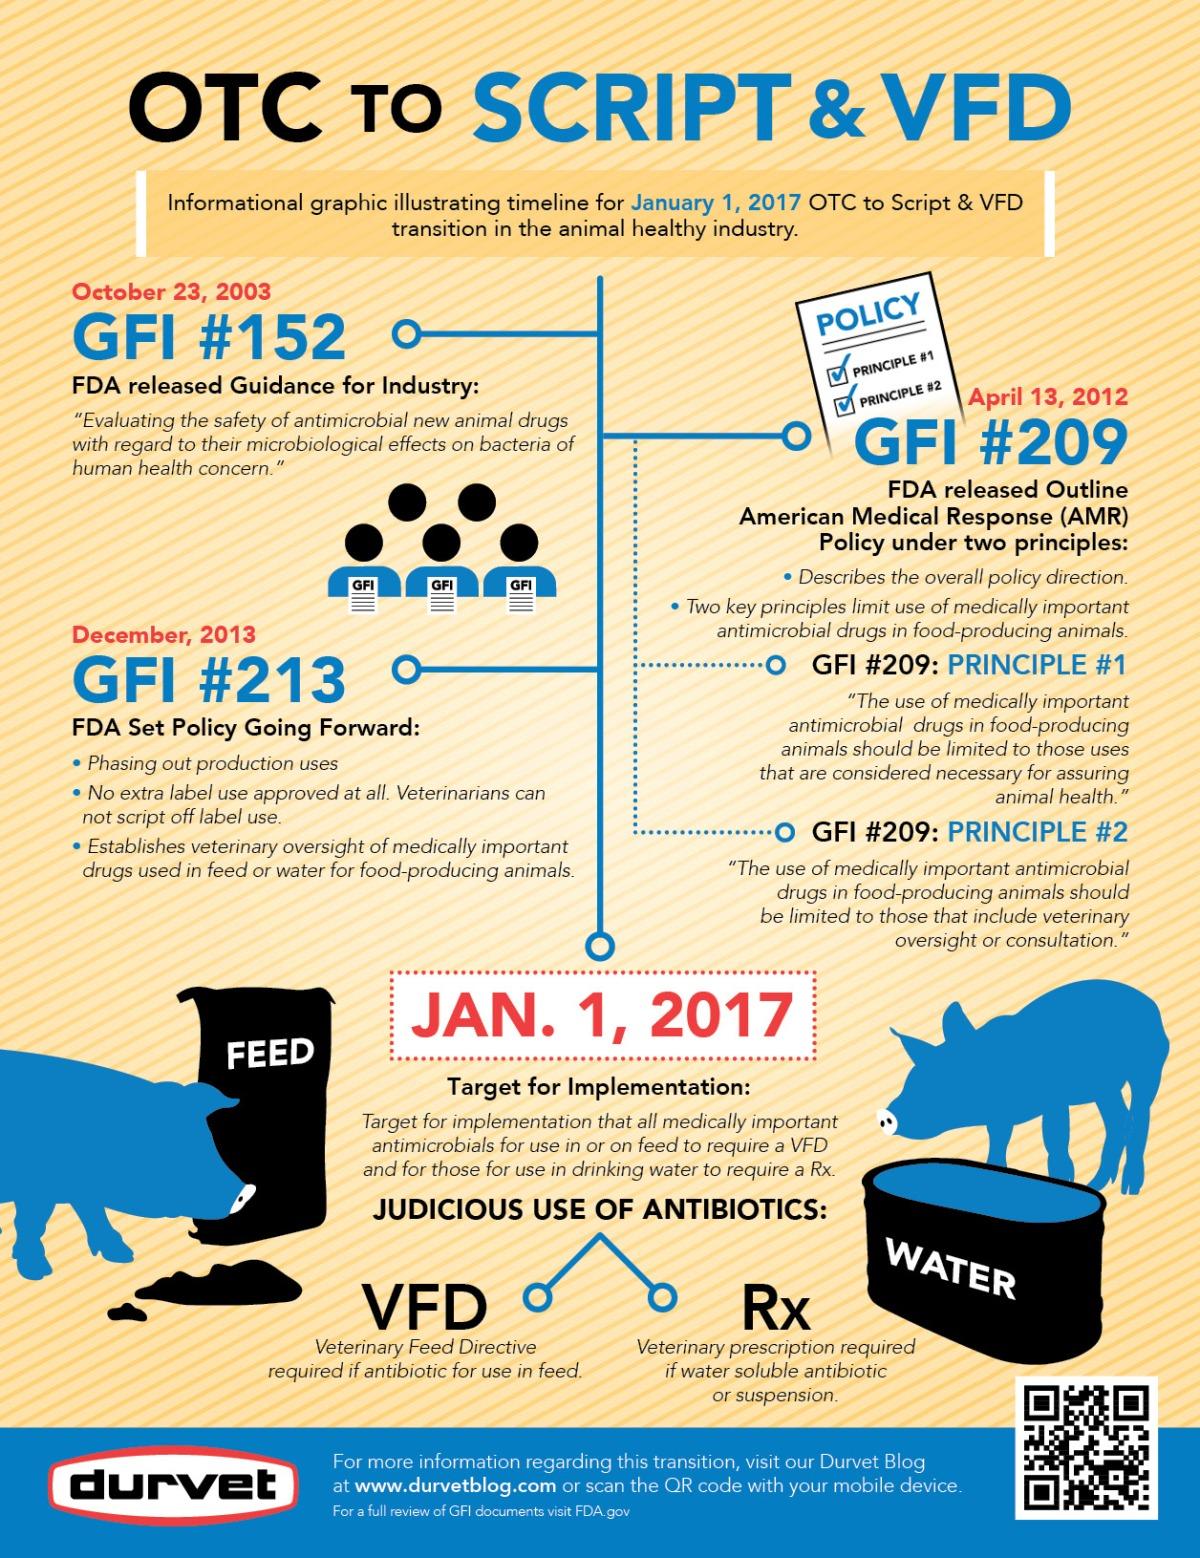 otc-to-rx-vfd-infographic2016-339